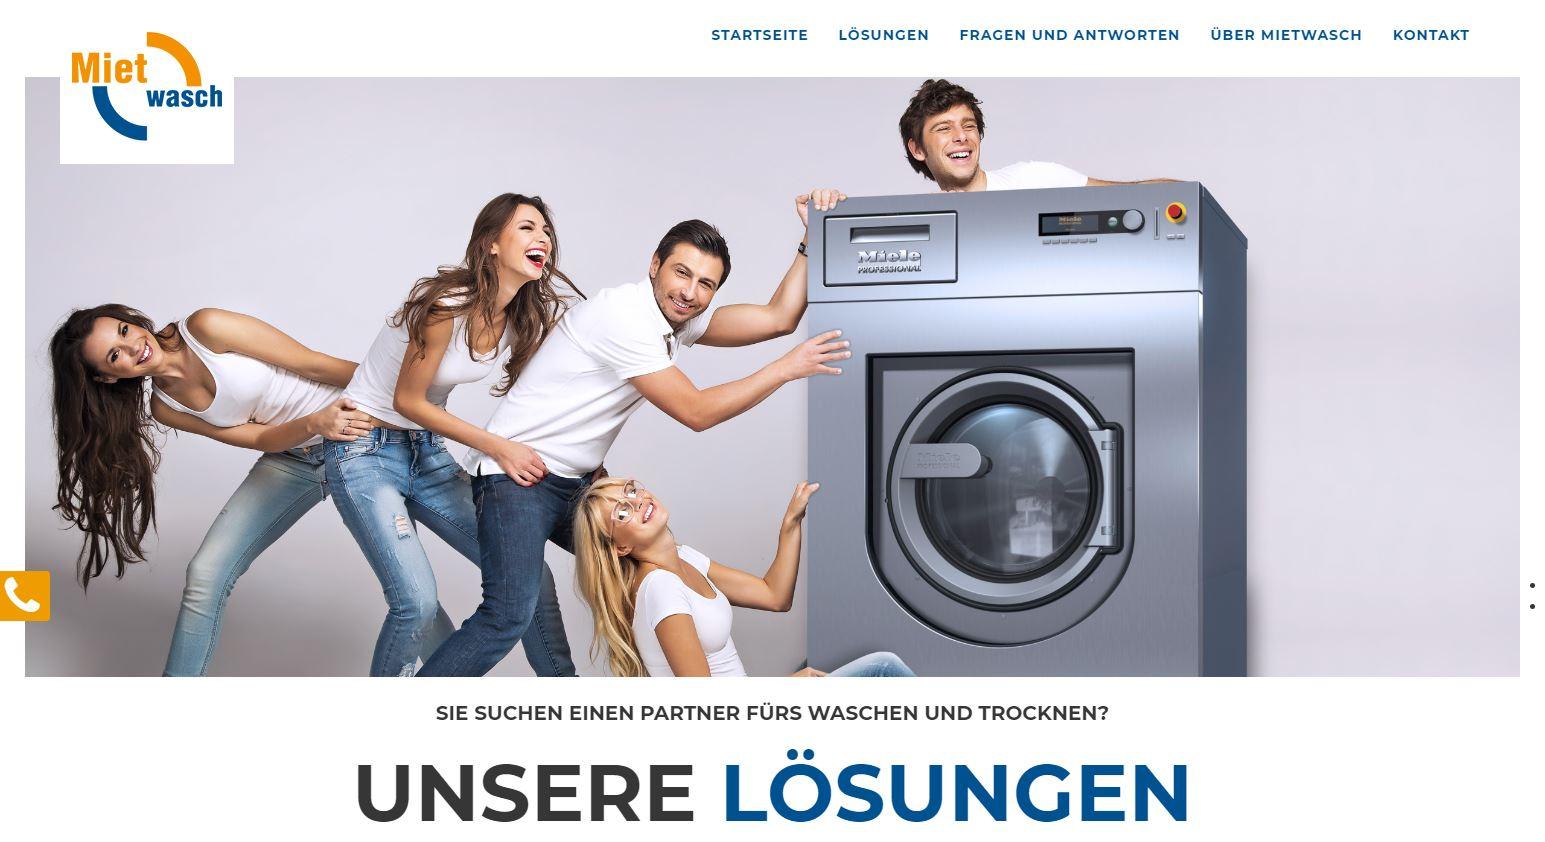 Mietwasch Homepage